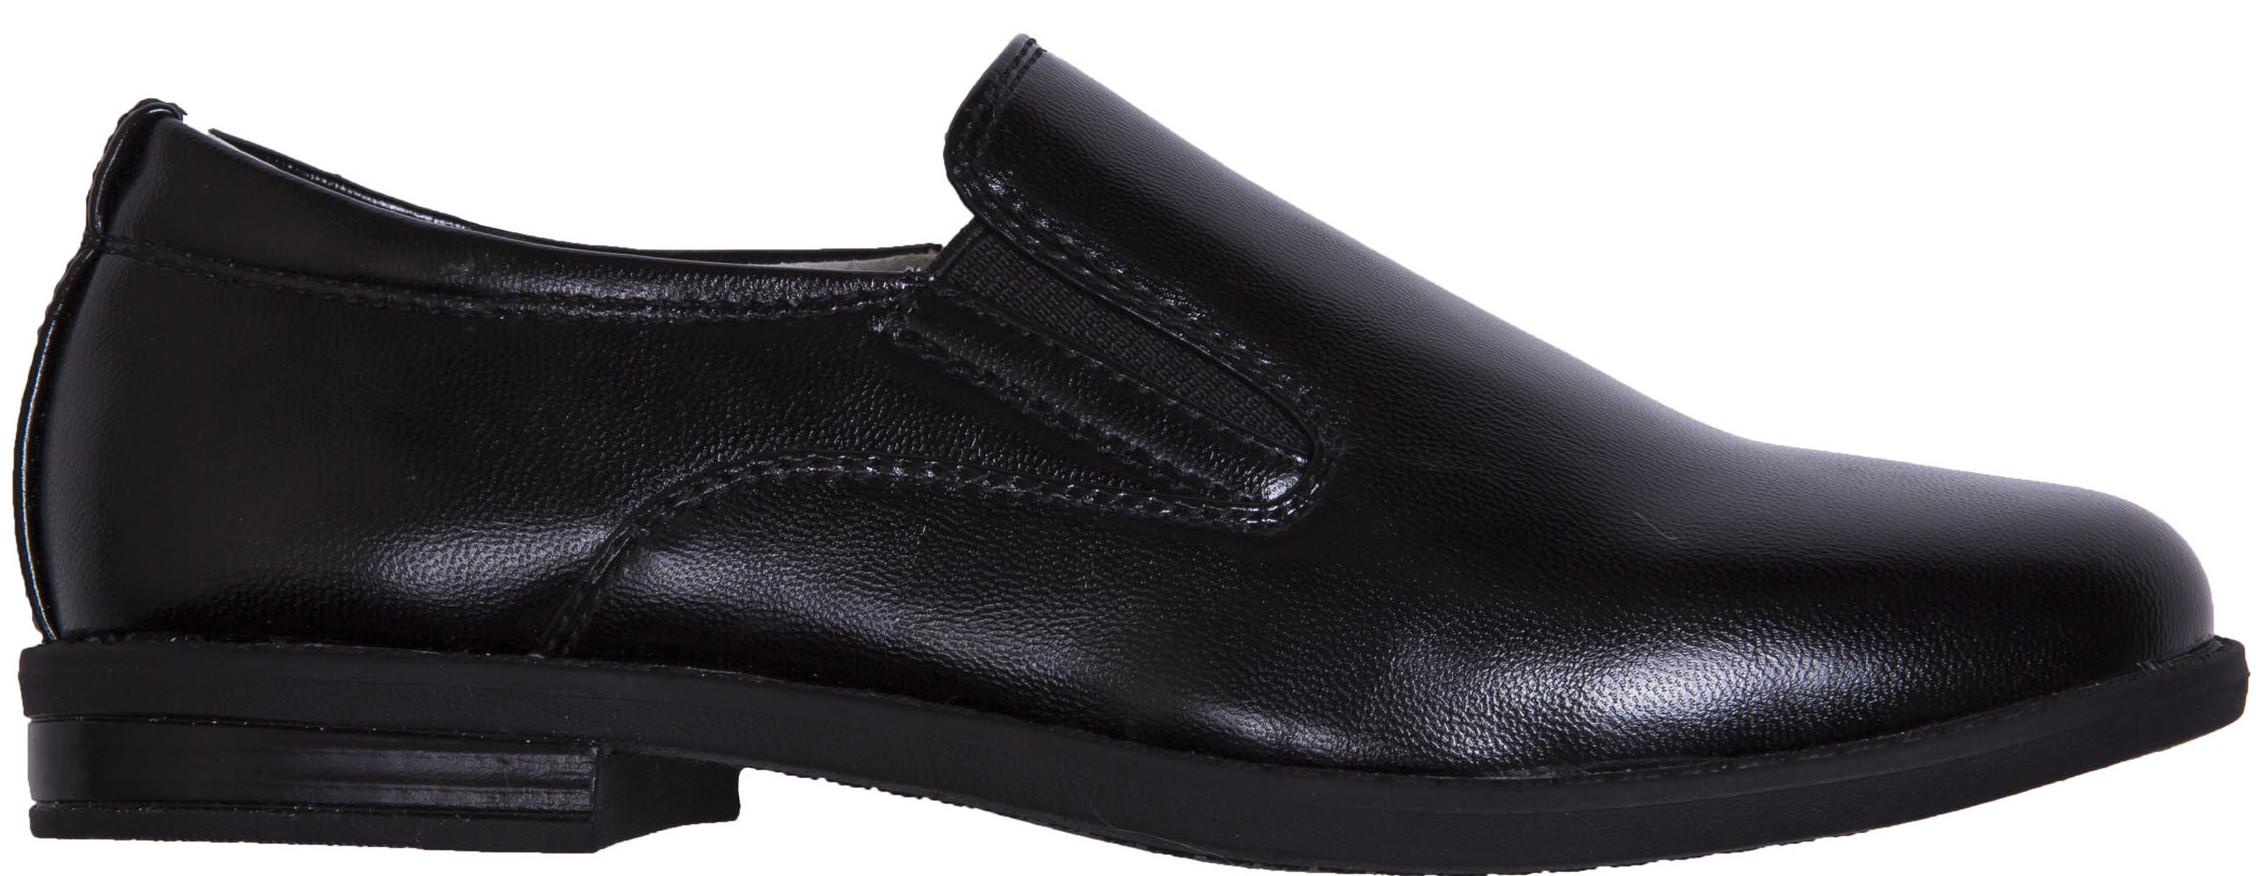 Ботинки и полуботинки Barkito Черные elegami elegami ботинки для мальчика в школу черные